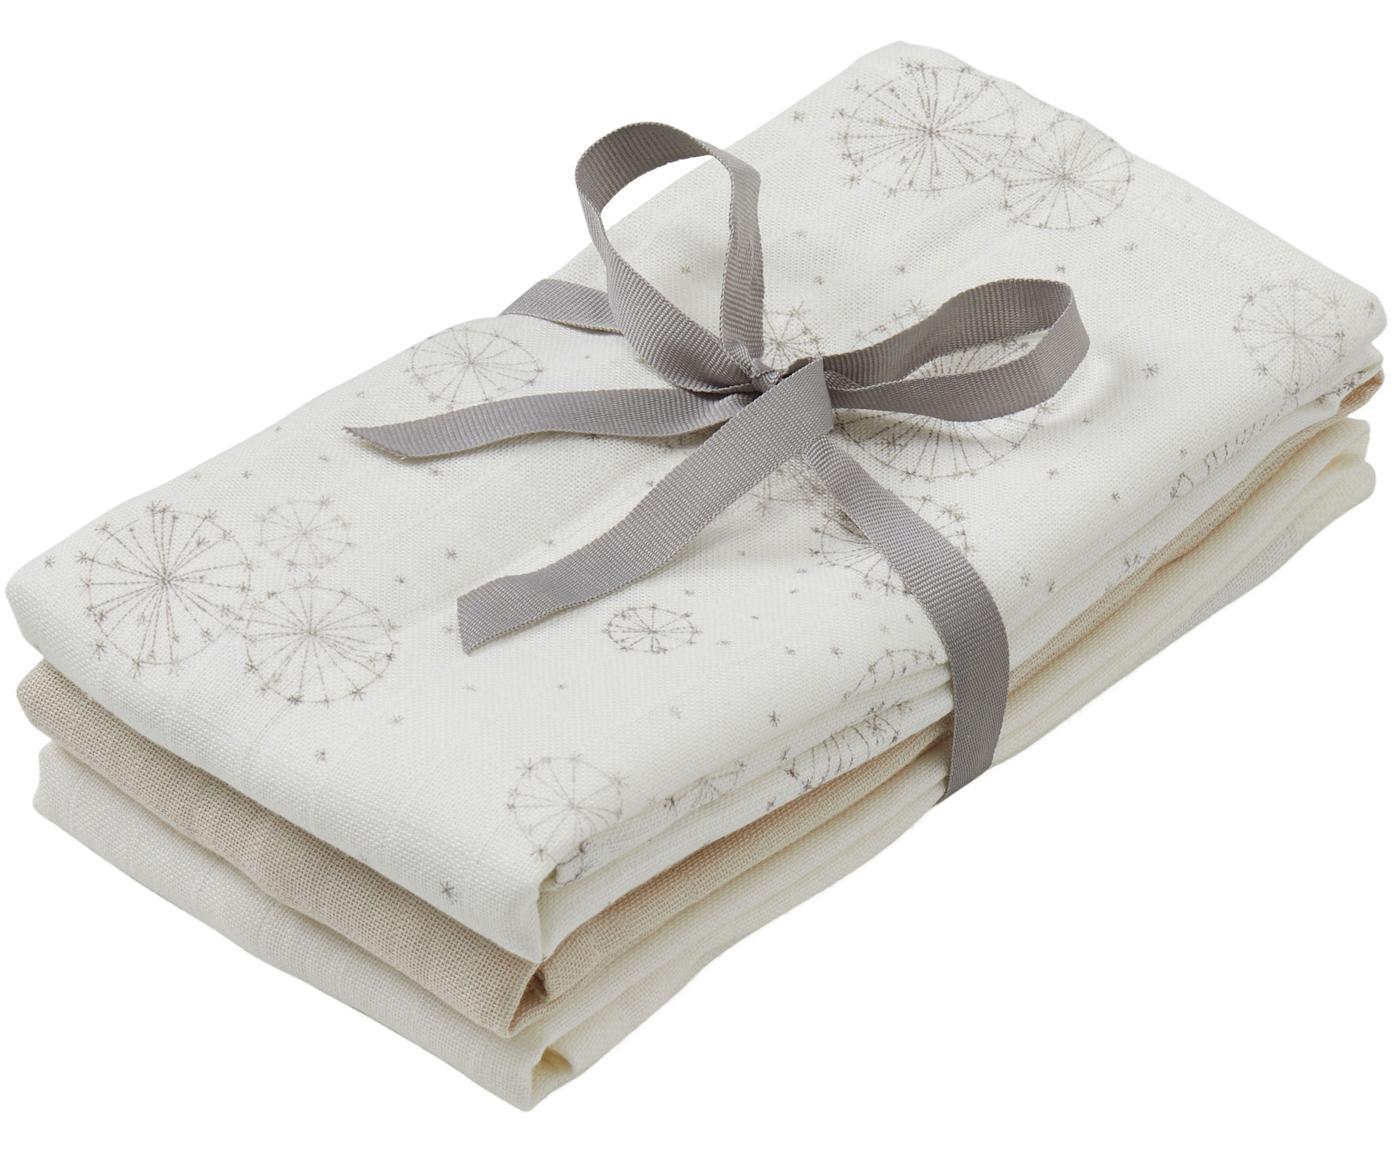 Hydrofiele doekenset Dandelion, 3-delig, Organisch katoen, Wit, beige, crèmekleurig, 70 x 70 cm